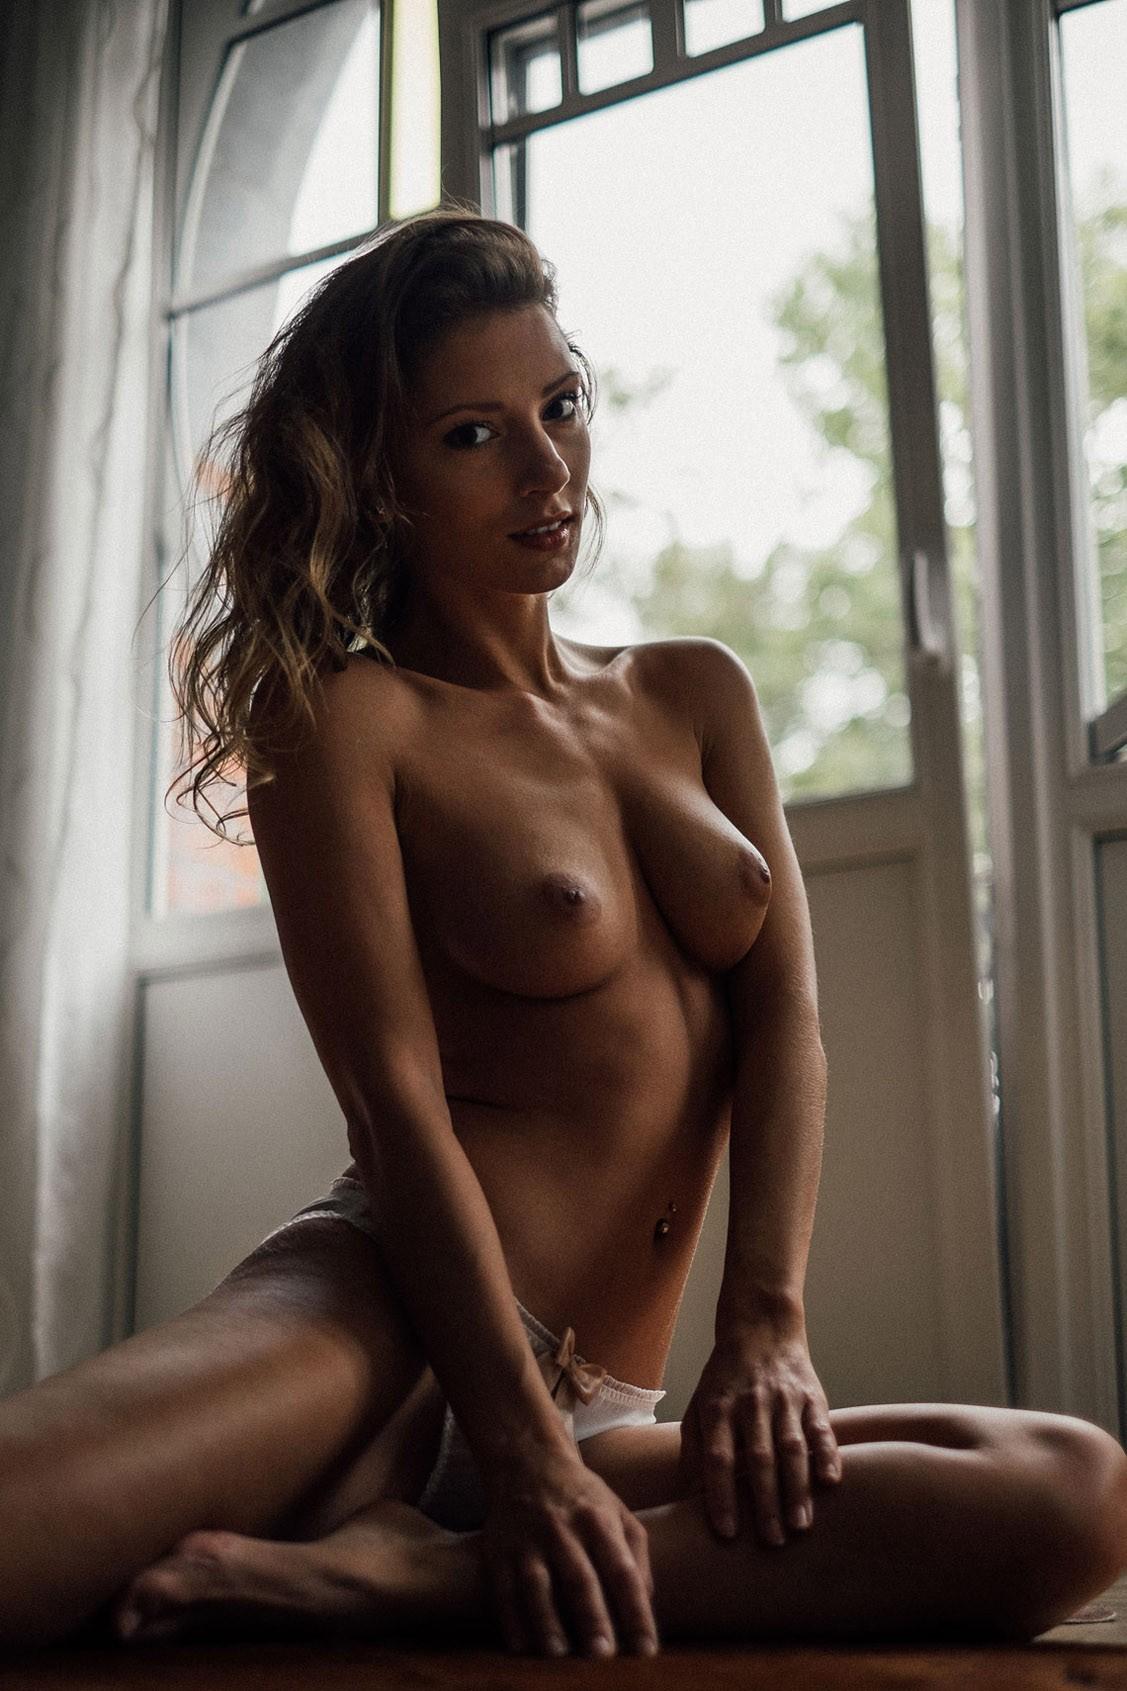 Miluniel nude by Julien LRVR - Yume Magazine